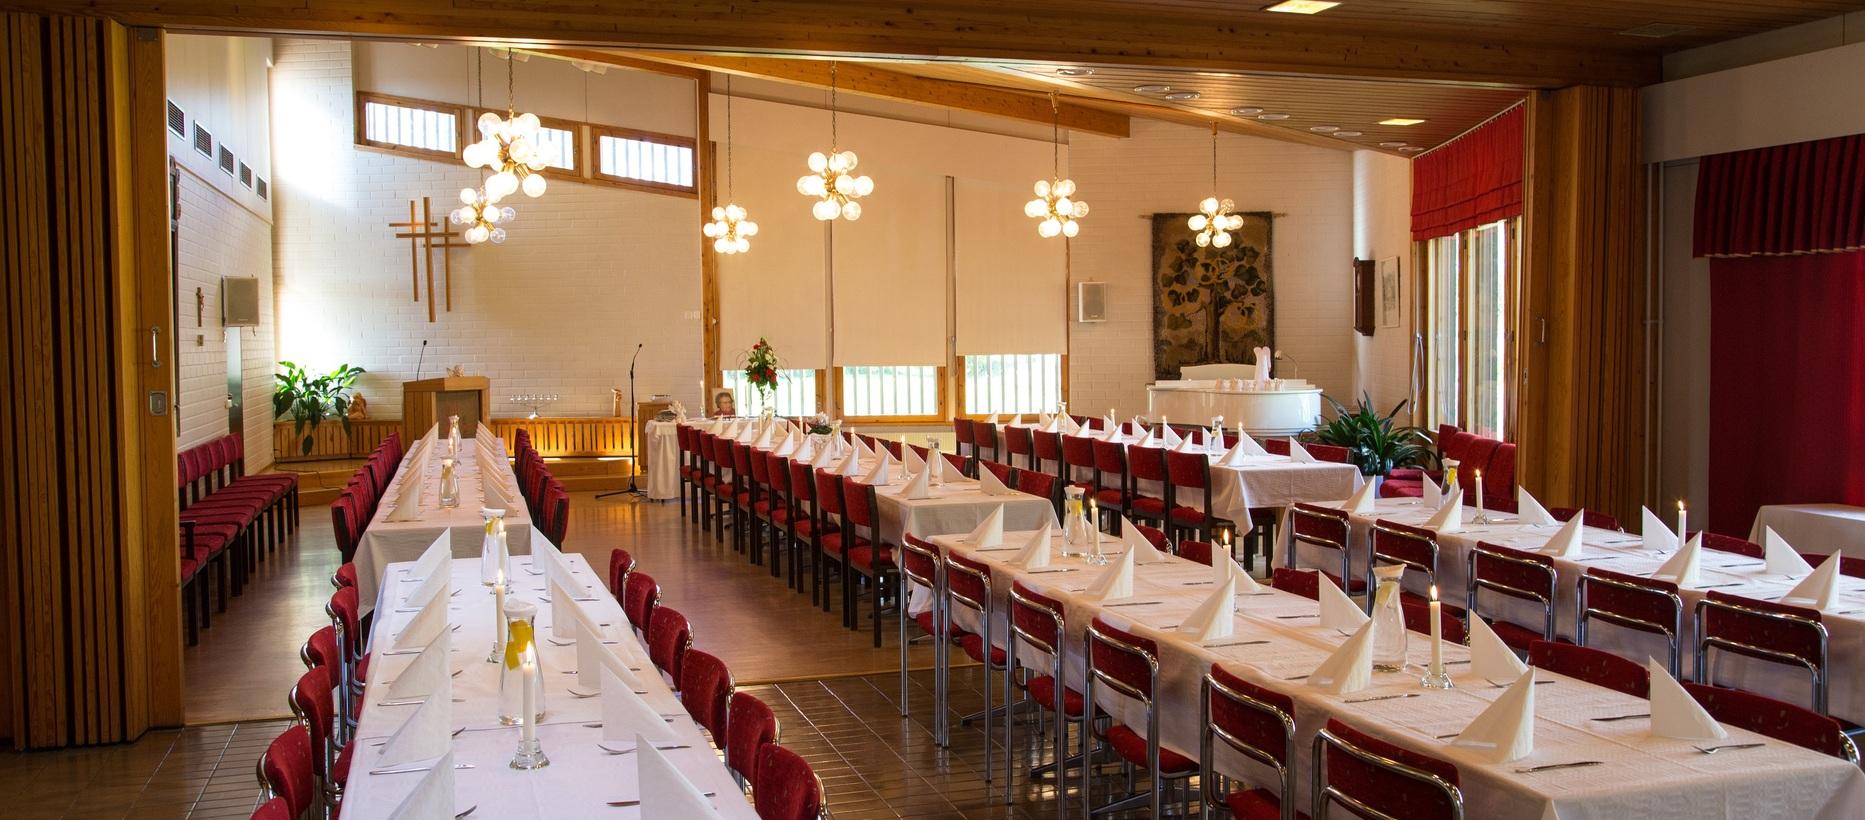 Töysän seurakuntatalo